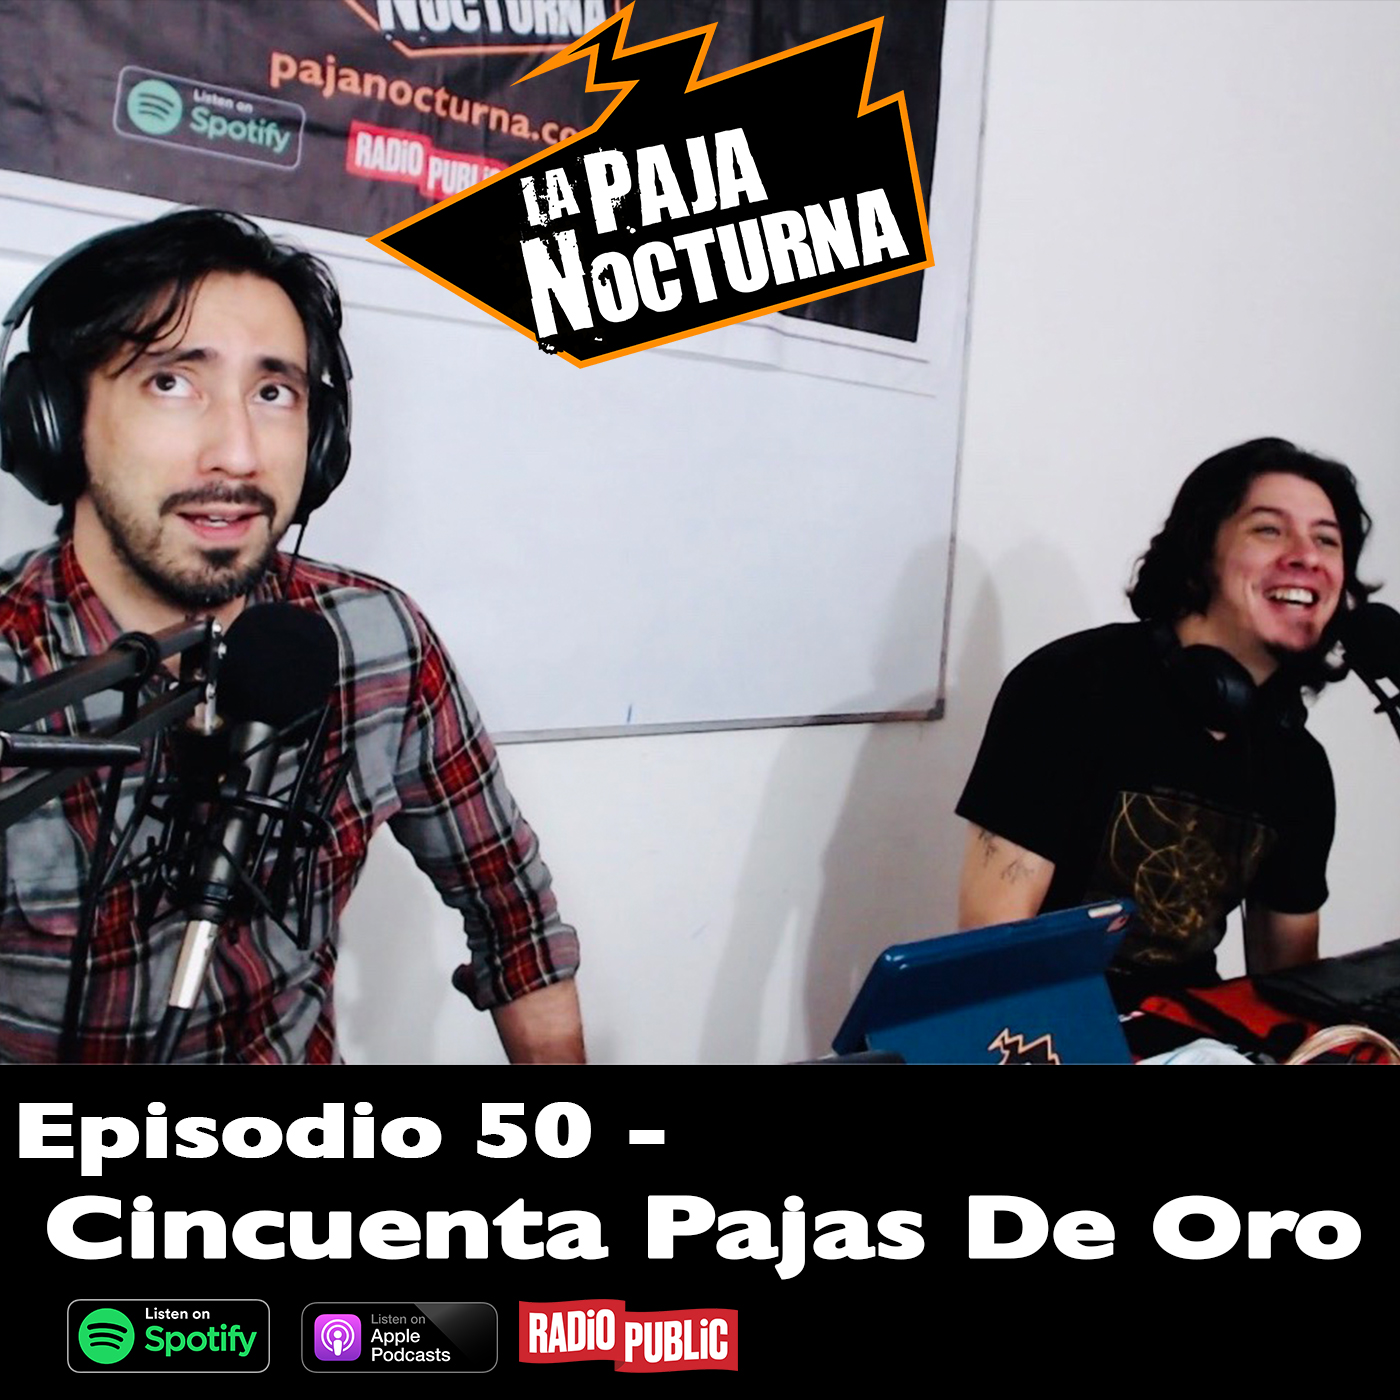 La paja nocturna podcast Episodio 50